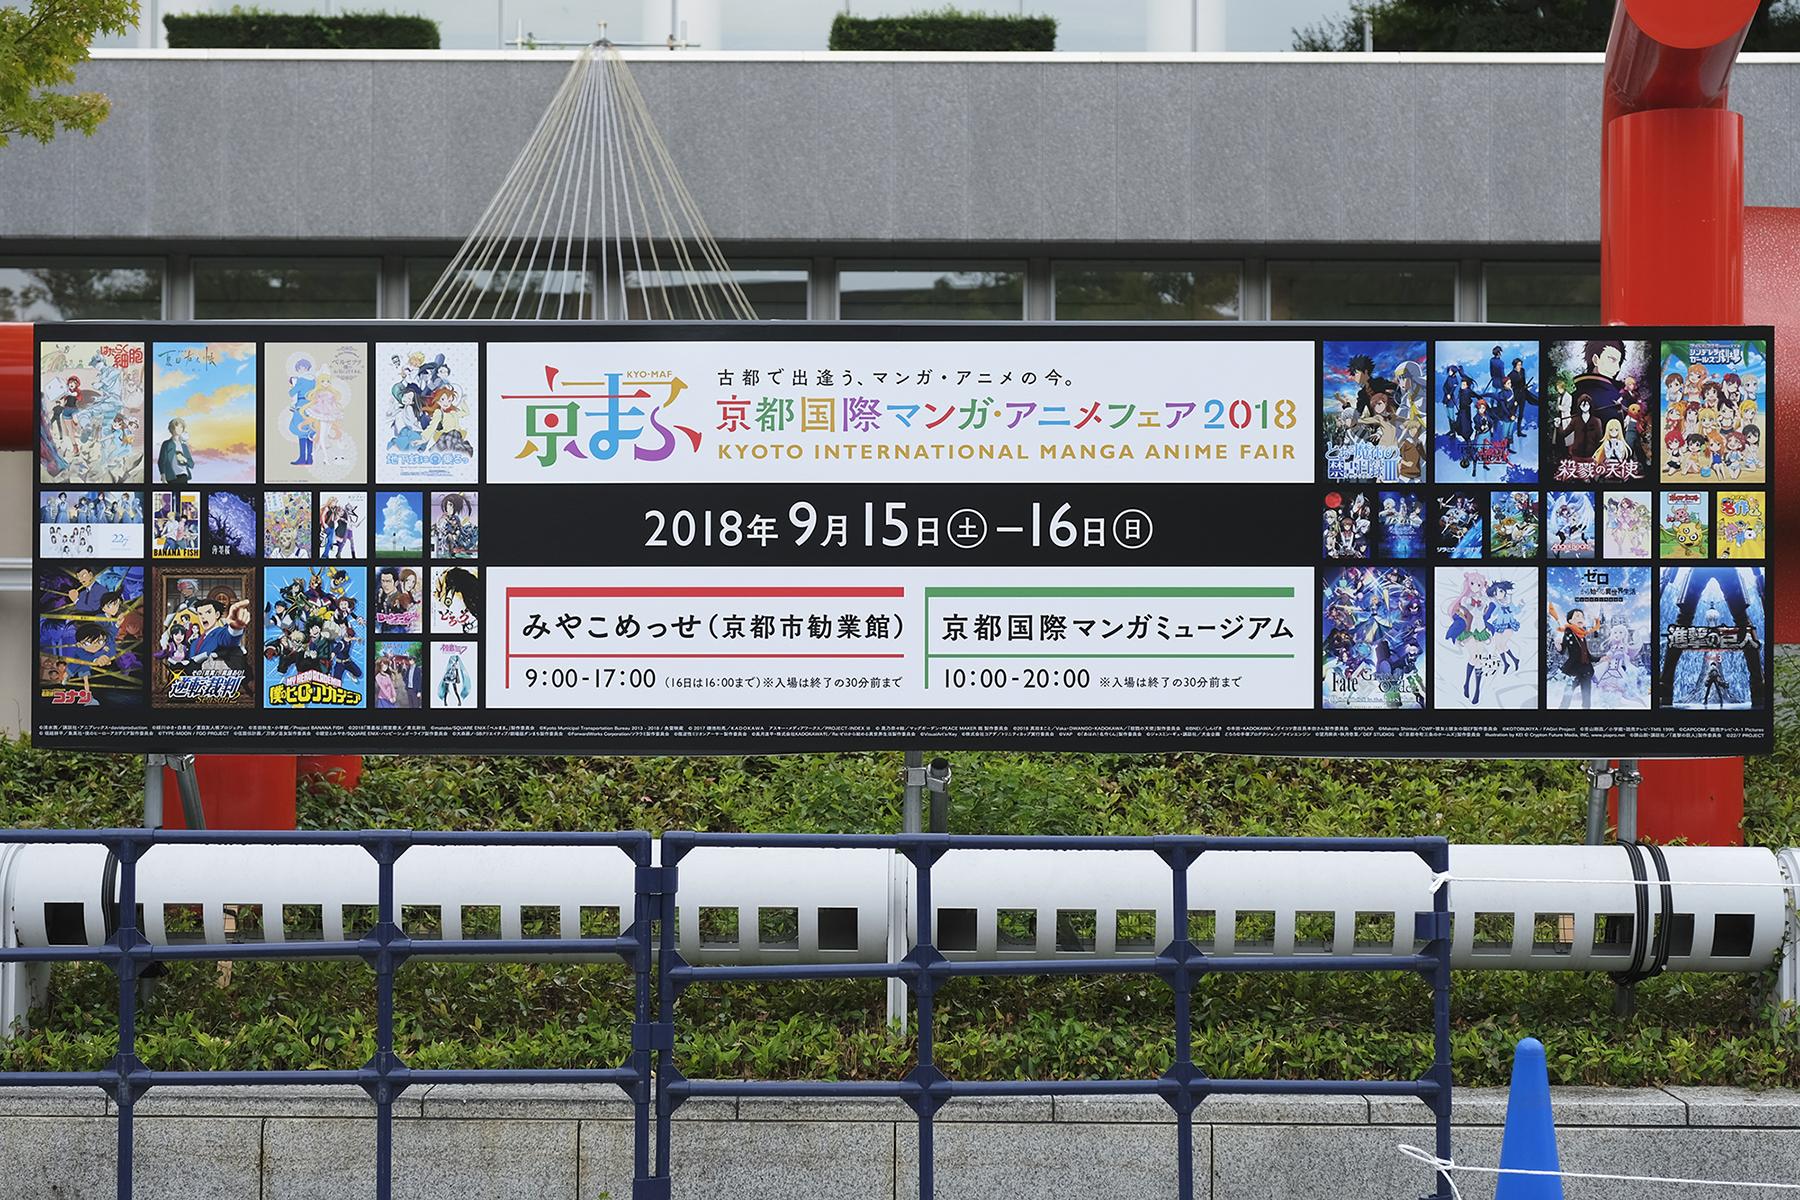 20180927【京都国際マンガ・アニメフェア2018】『ぐらんぶる』京まふスペシャルステージ Report!